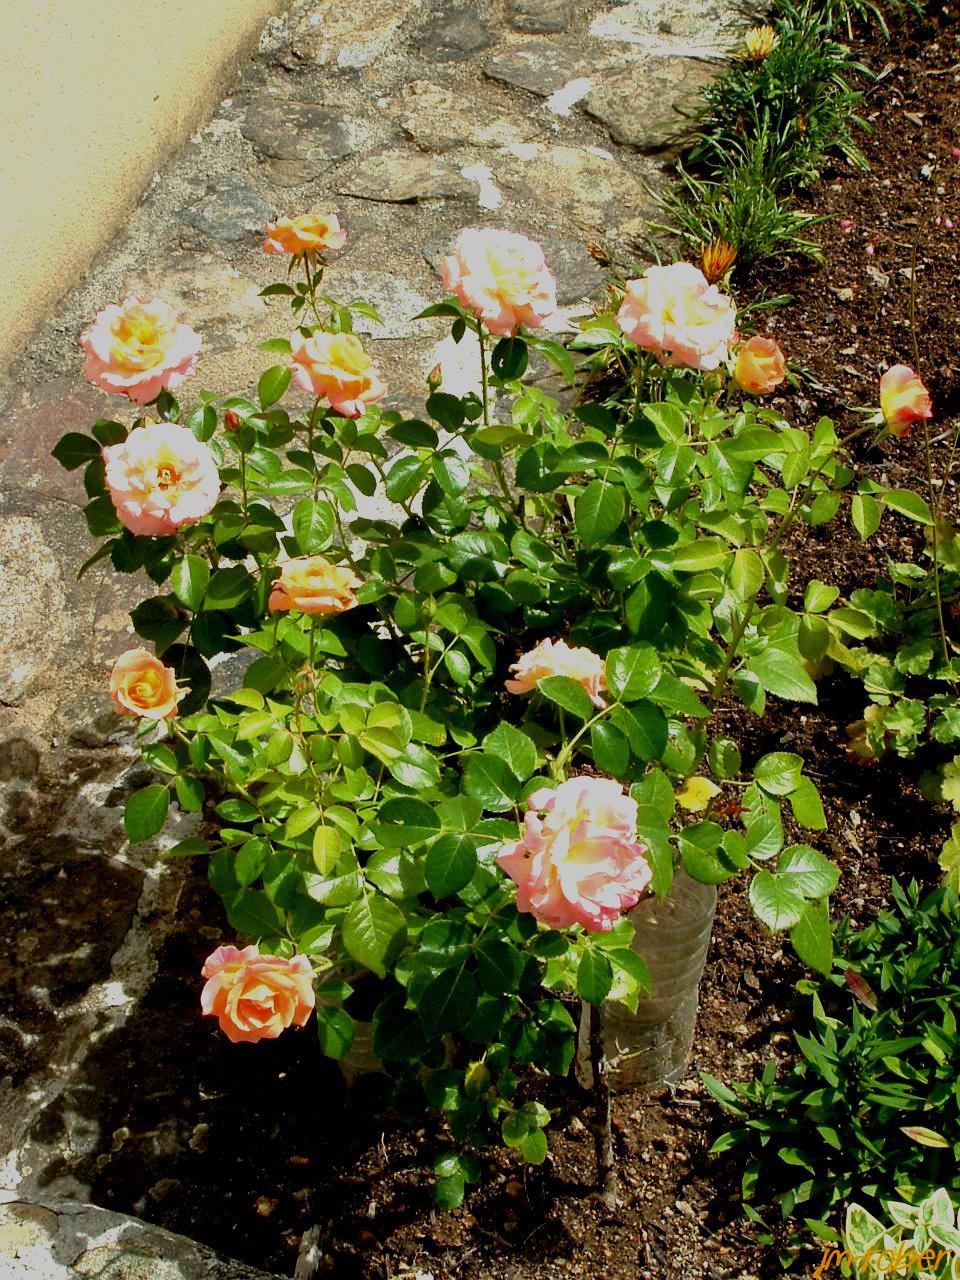 Août , bientôt à la mi-été, mais le jardin explose de mille couleurs